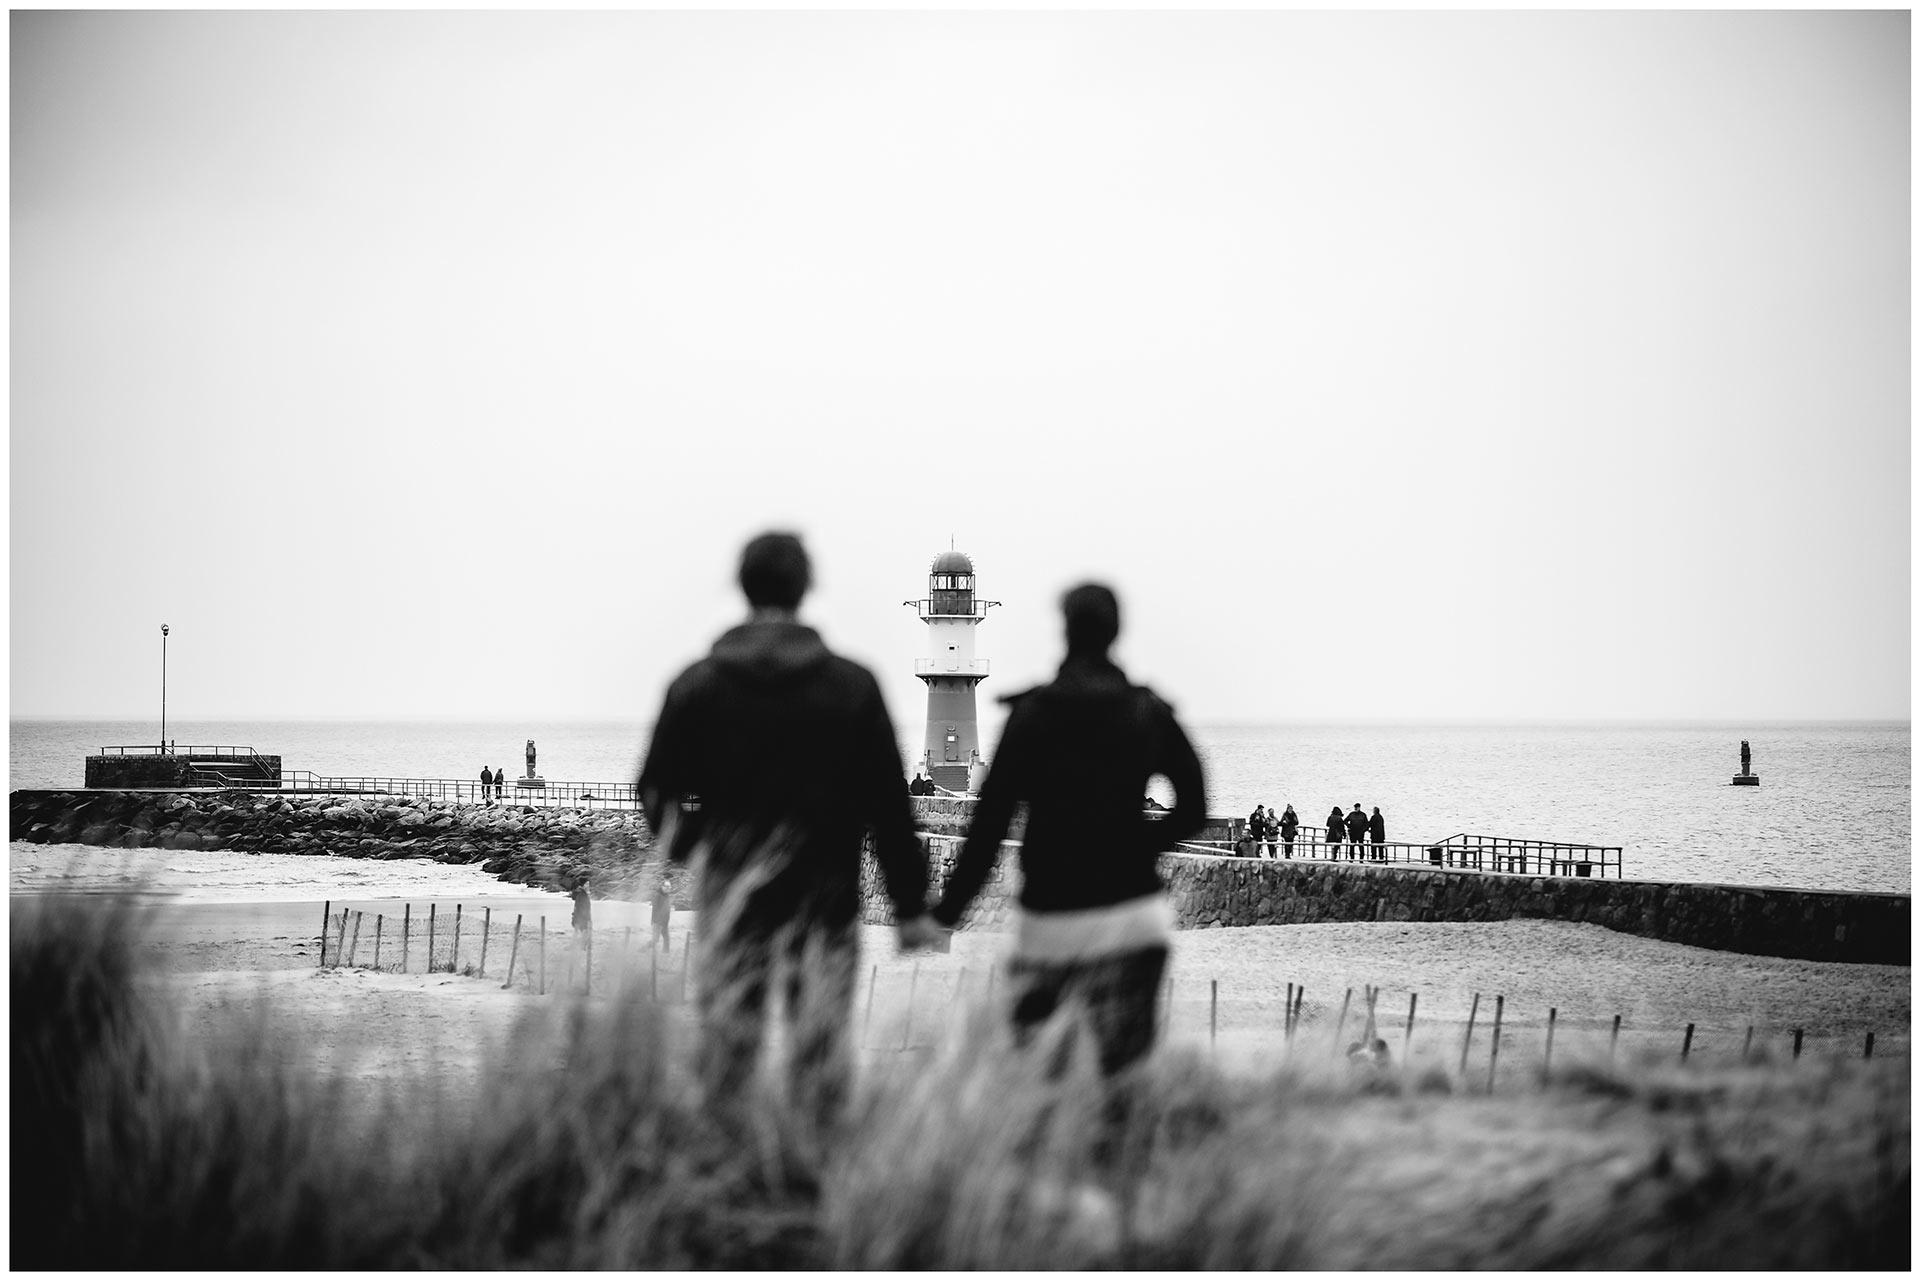 paar-steht-hand-in-hand-auf-duenen-am-strand-schaut-richtung-leuchtturm-warnemuender-mole-shooting-am-strand-paarshooting-fotograf-rostock-fotograf-warnemünde-paerchenbilder-fotoshooting